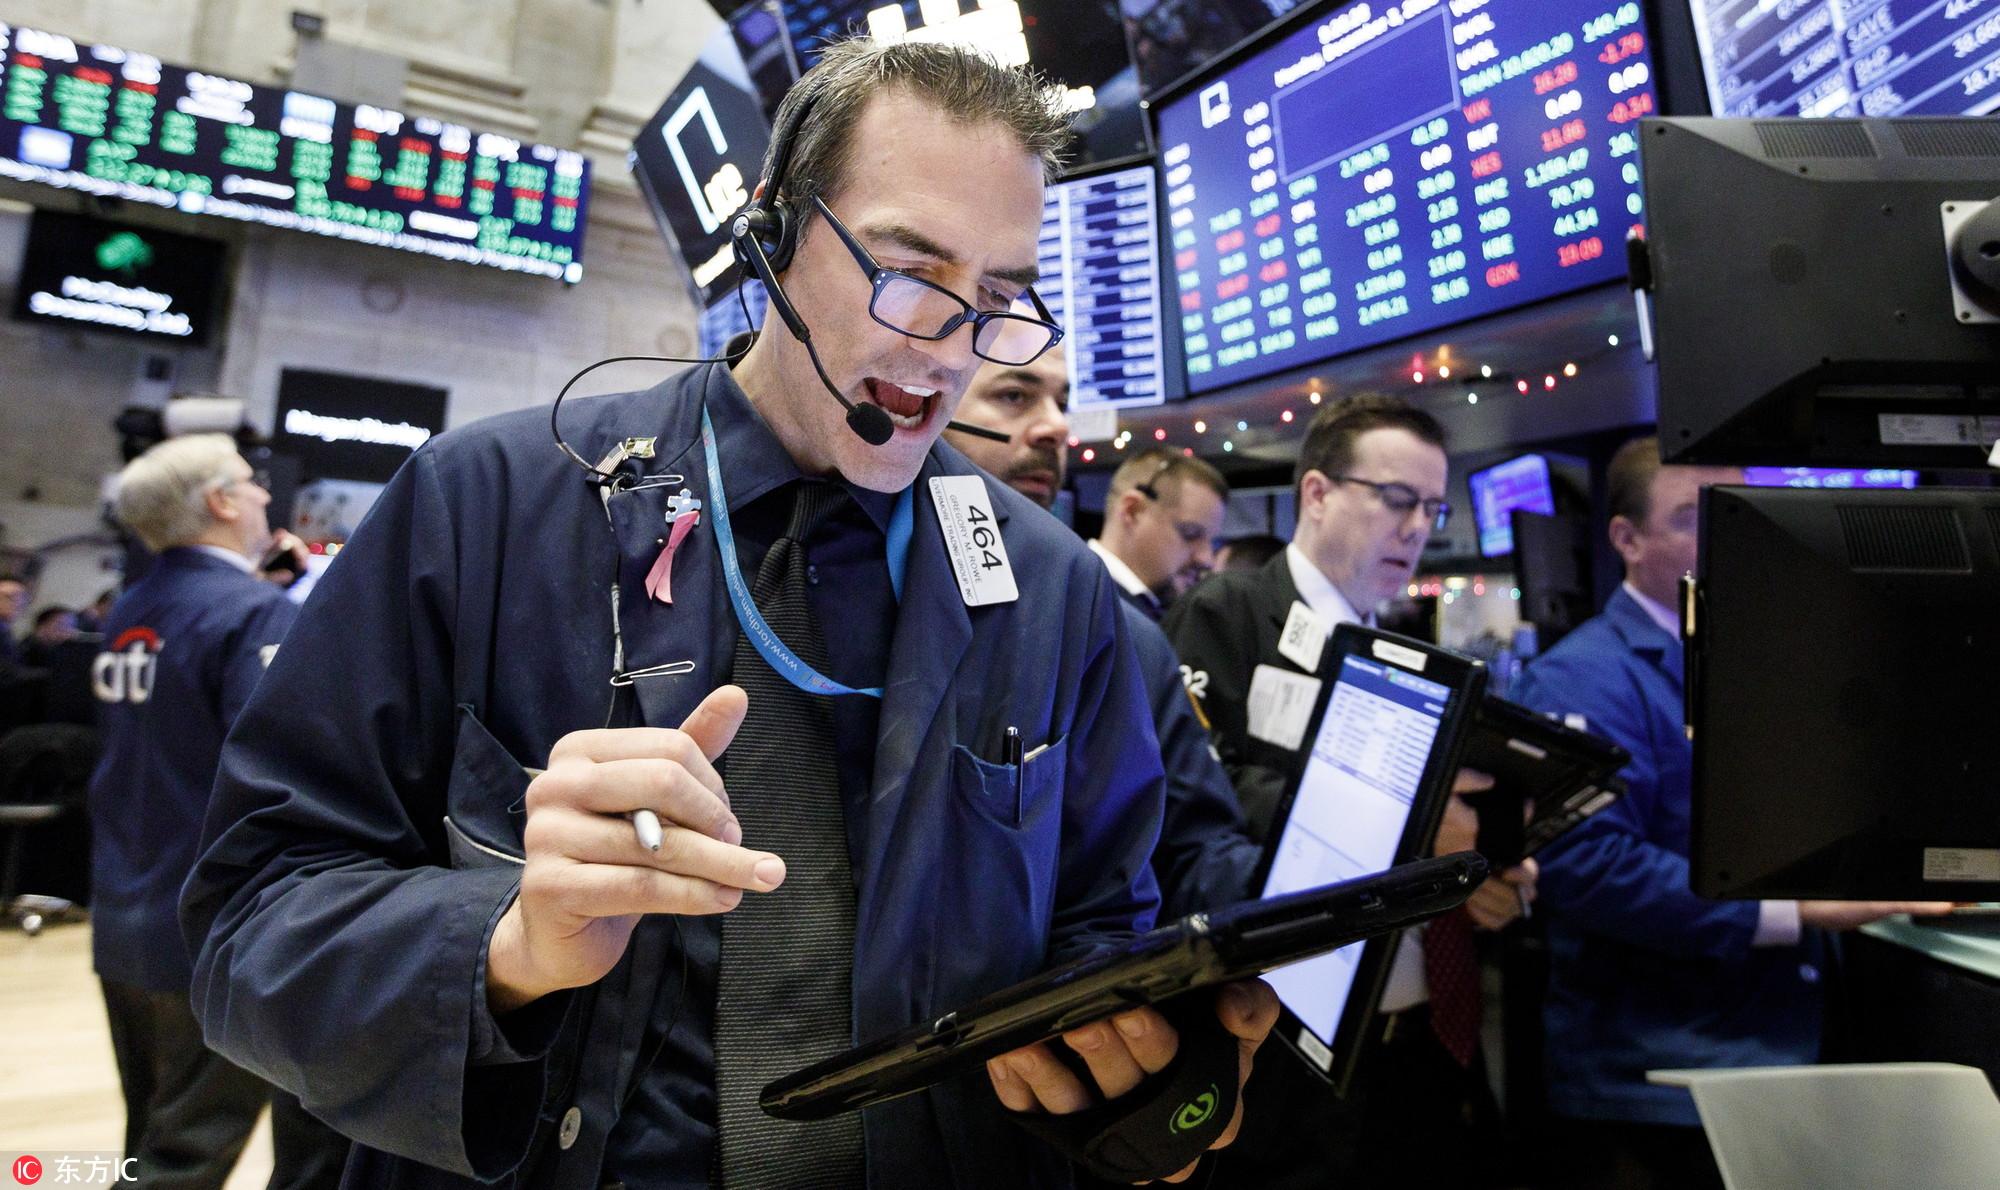 摩根士丹利:市场修正尚未结束 经济下行风险加剧